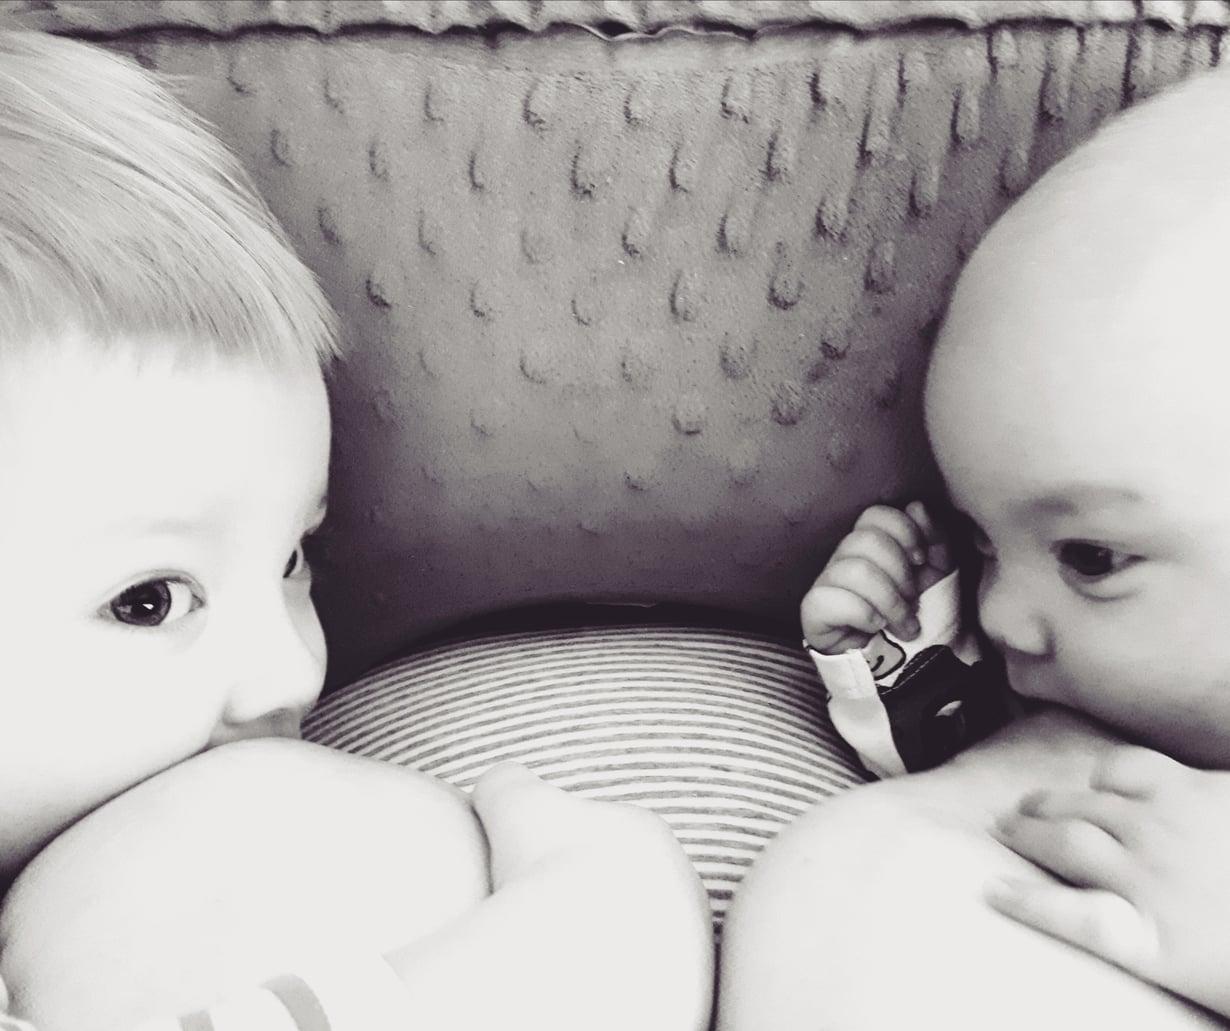 Tärkeä hetki yhdessä isoveljen kanssa – imetys on ravintoa ja läheisyyttä. Kuva: Lotta Leino